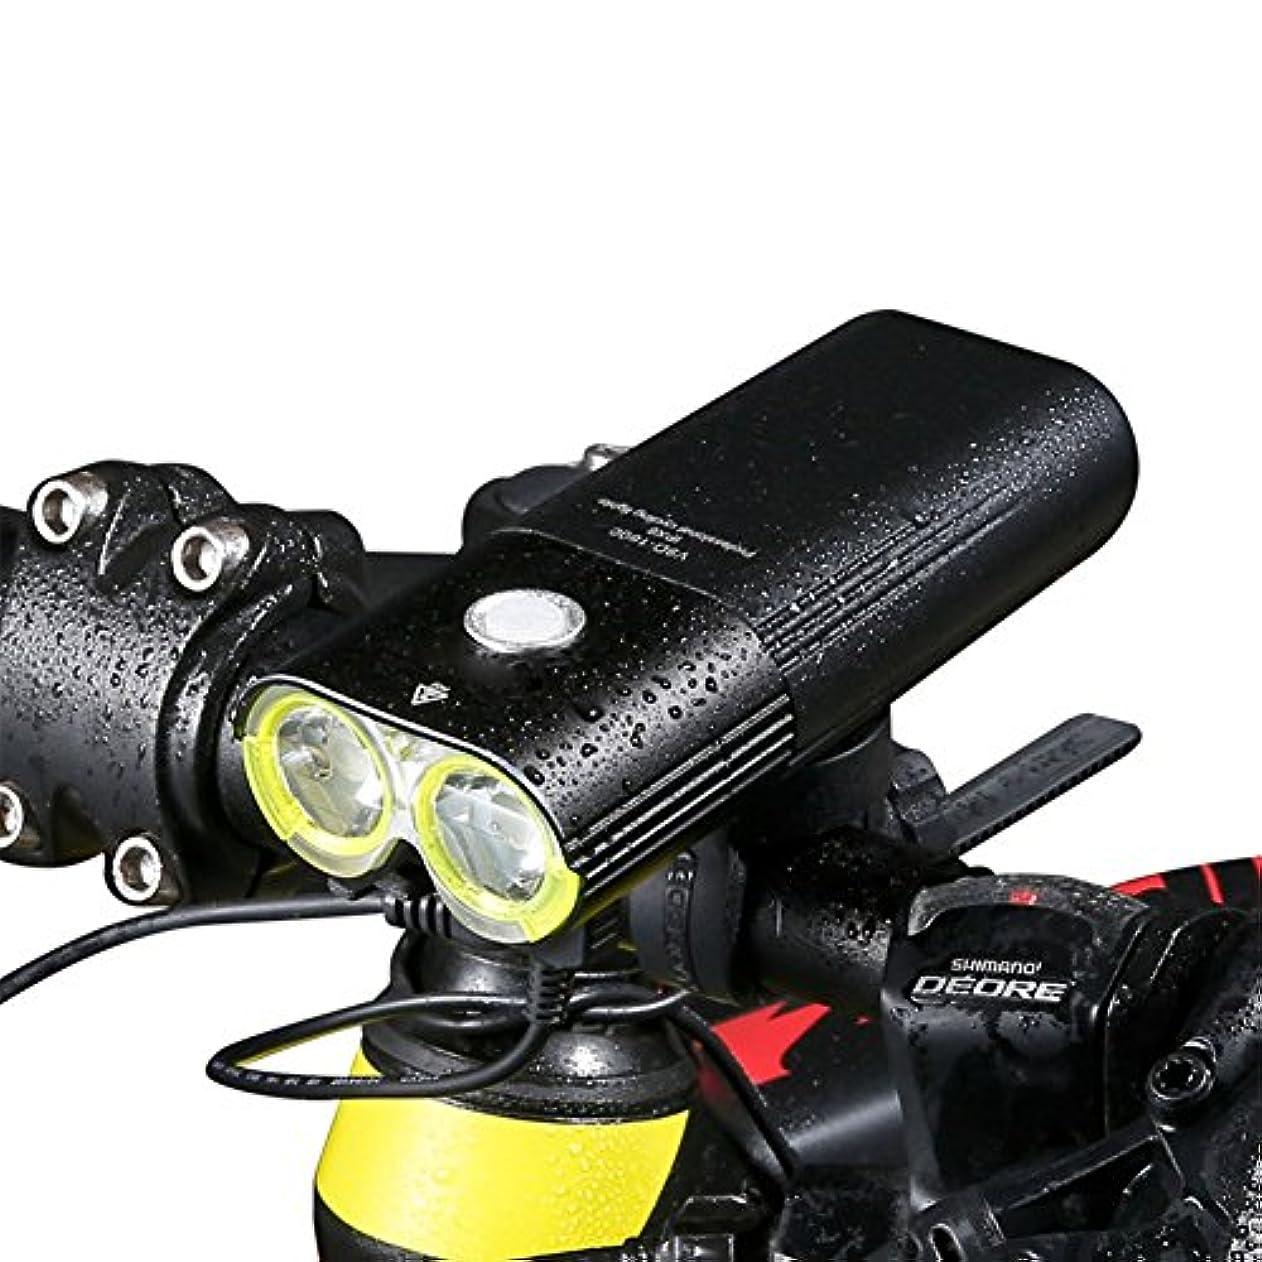 パーフェルビッド抽象化交通渋滞Liebeye 自転車フロントランプヘッドライト充電高輝度防水バイクサイクリング安全ヘッドランプ 1600ルーメン